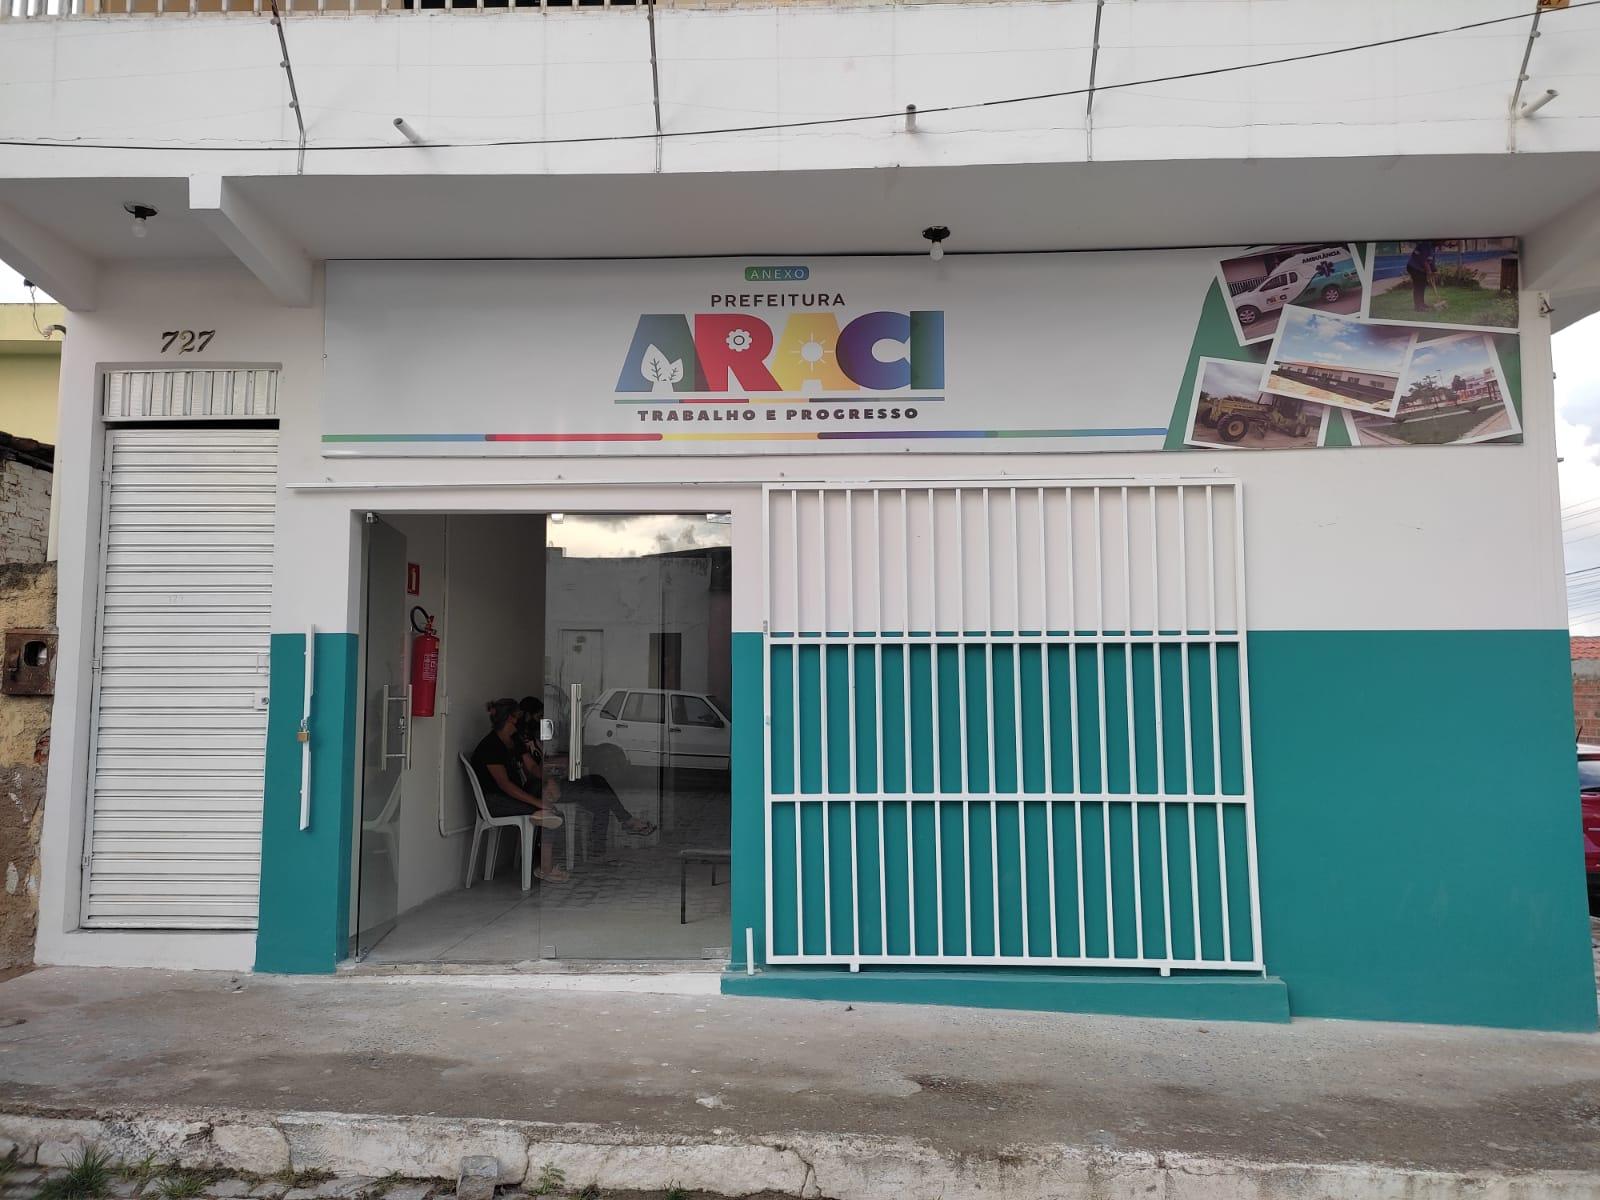 Prefeitura de Araci anuncia funcionamento de novo anexo para atendimento